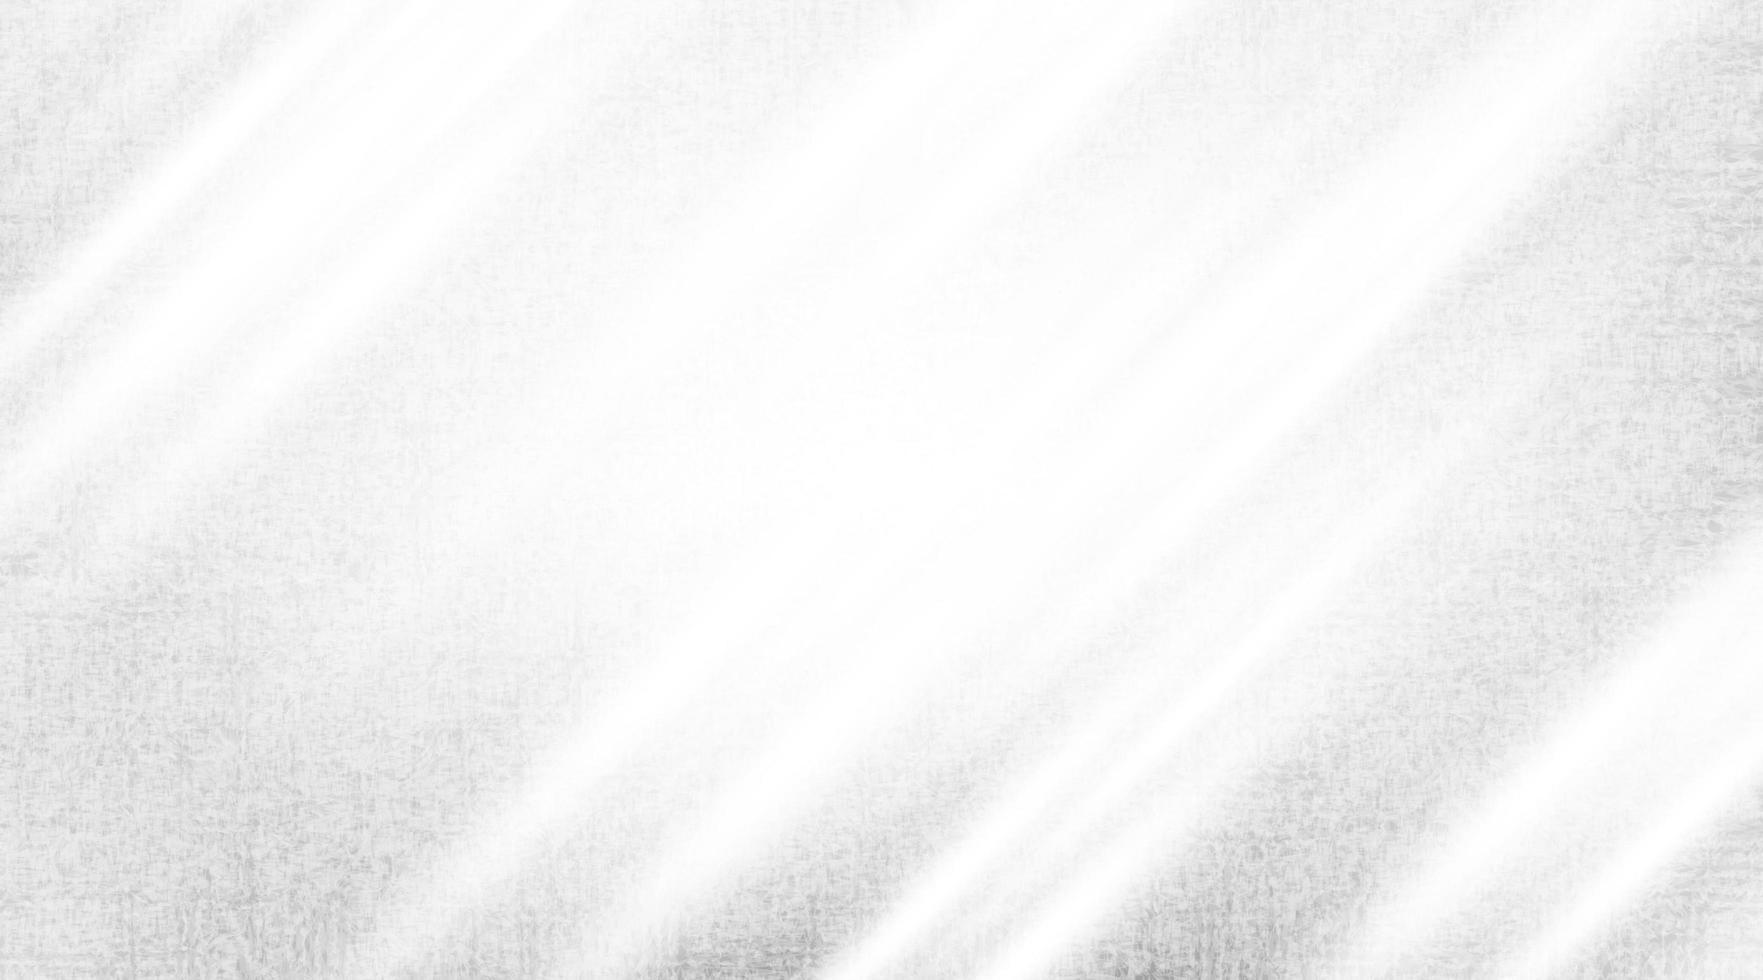 fundo de aço inoxidável de prata de vetor, design de estilo moderno. vetor